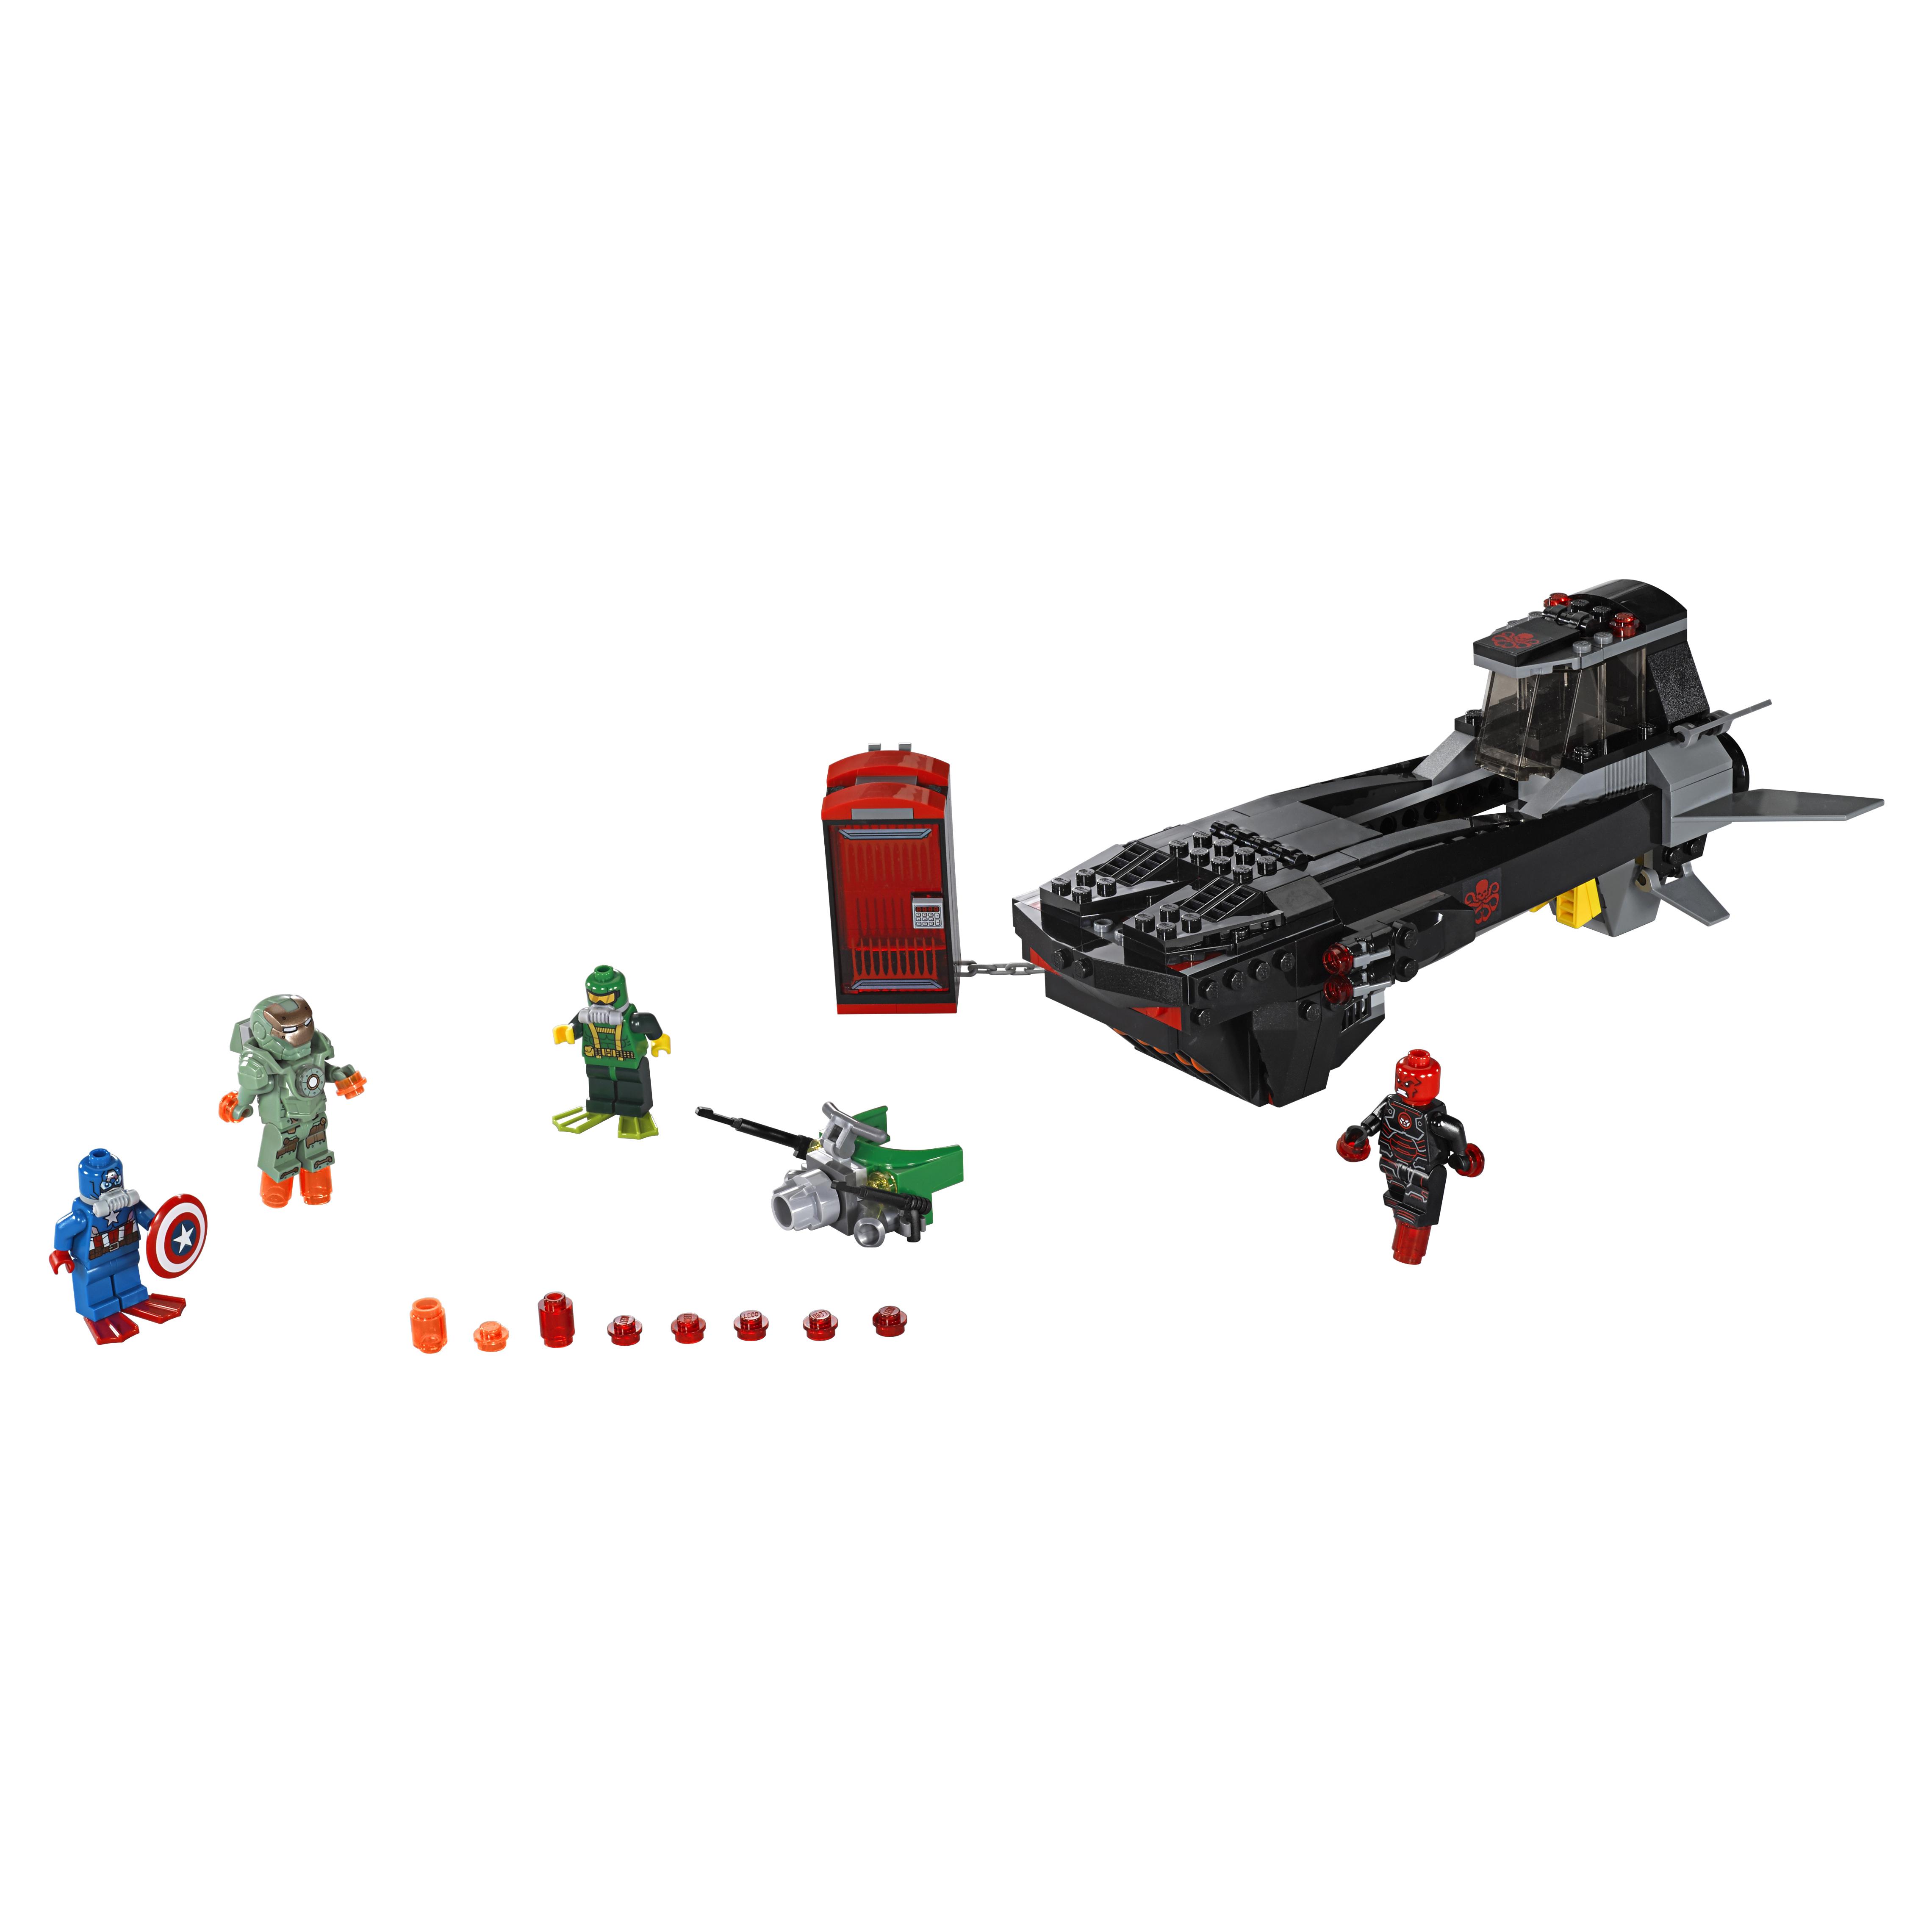 Конструктор LEGO Super Heroes Похищение Капитана Америка (76048) фото